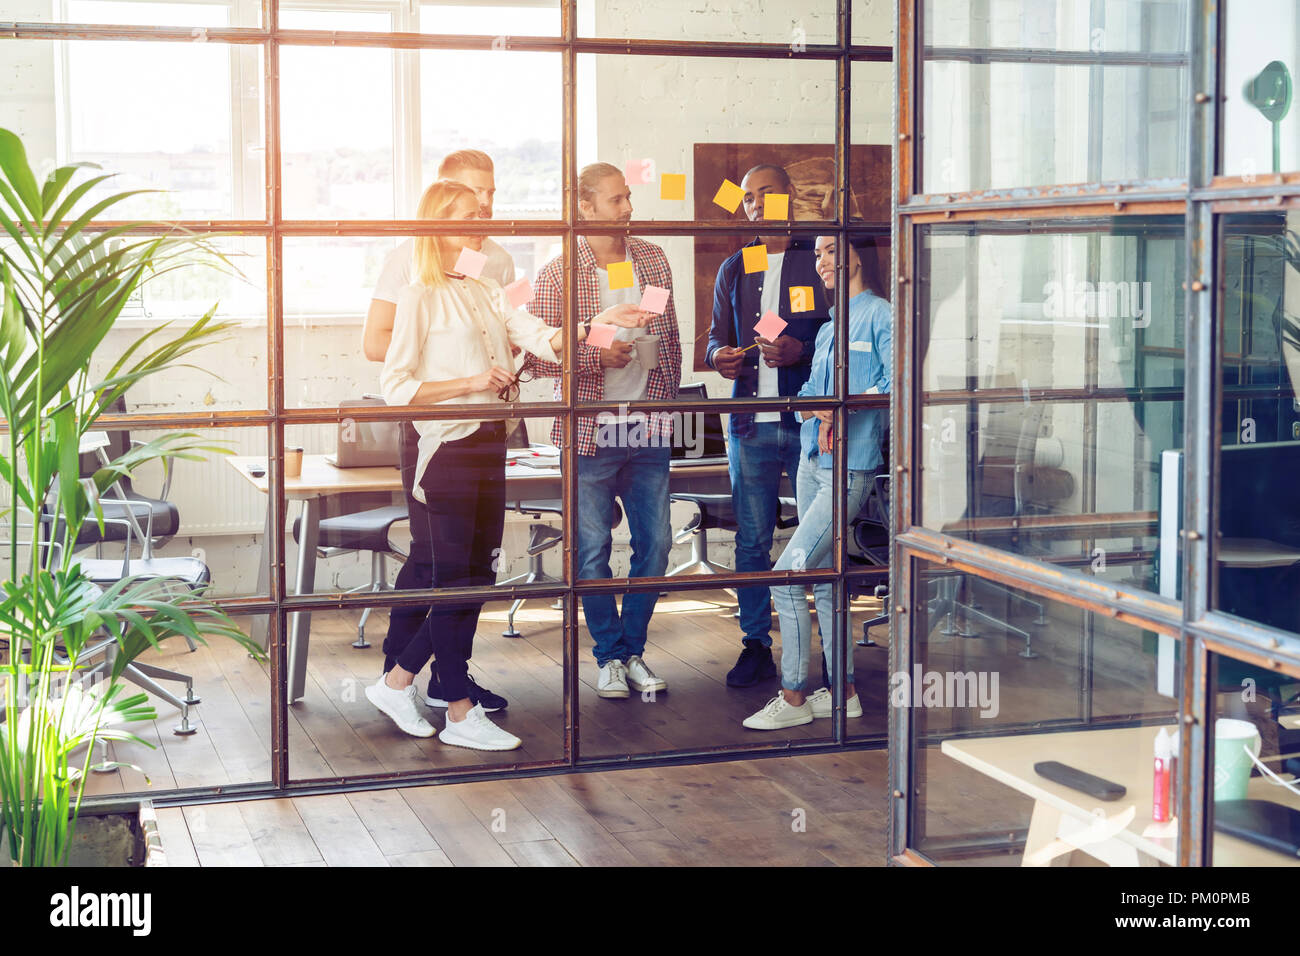 Gemeinsame Nutzung von Geschäftsideen. Volle Länge des jungen modernen Menschen in Smart Casual Wear mit Klebeband fest, während hinter der Glaswand im Raum stehen. Stockfoto